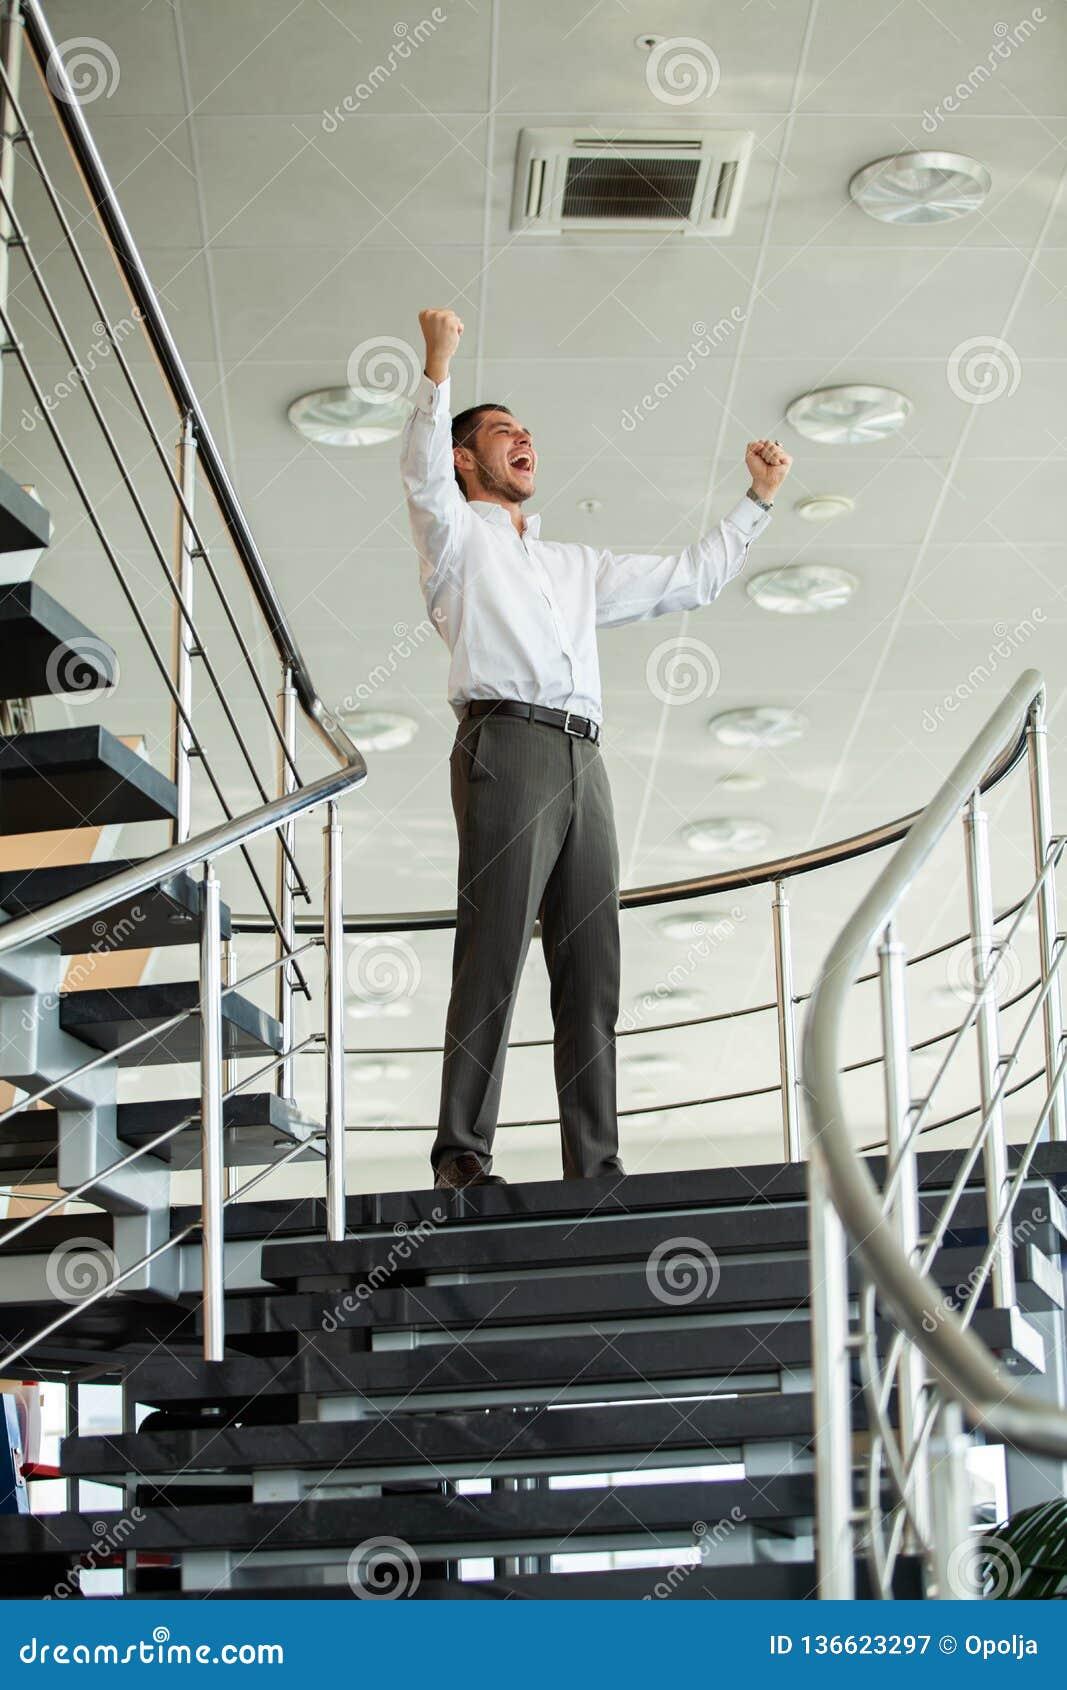 επιτυχία εορτασμού Η συγκινημένη νέα κράτηση επιχειρηματιών οπλίζει αυξημένος και εκφράζοντας τη θετική σκέψη στεμένος στην αρχή